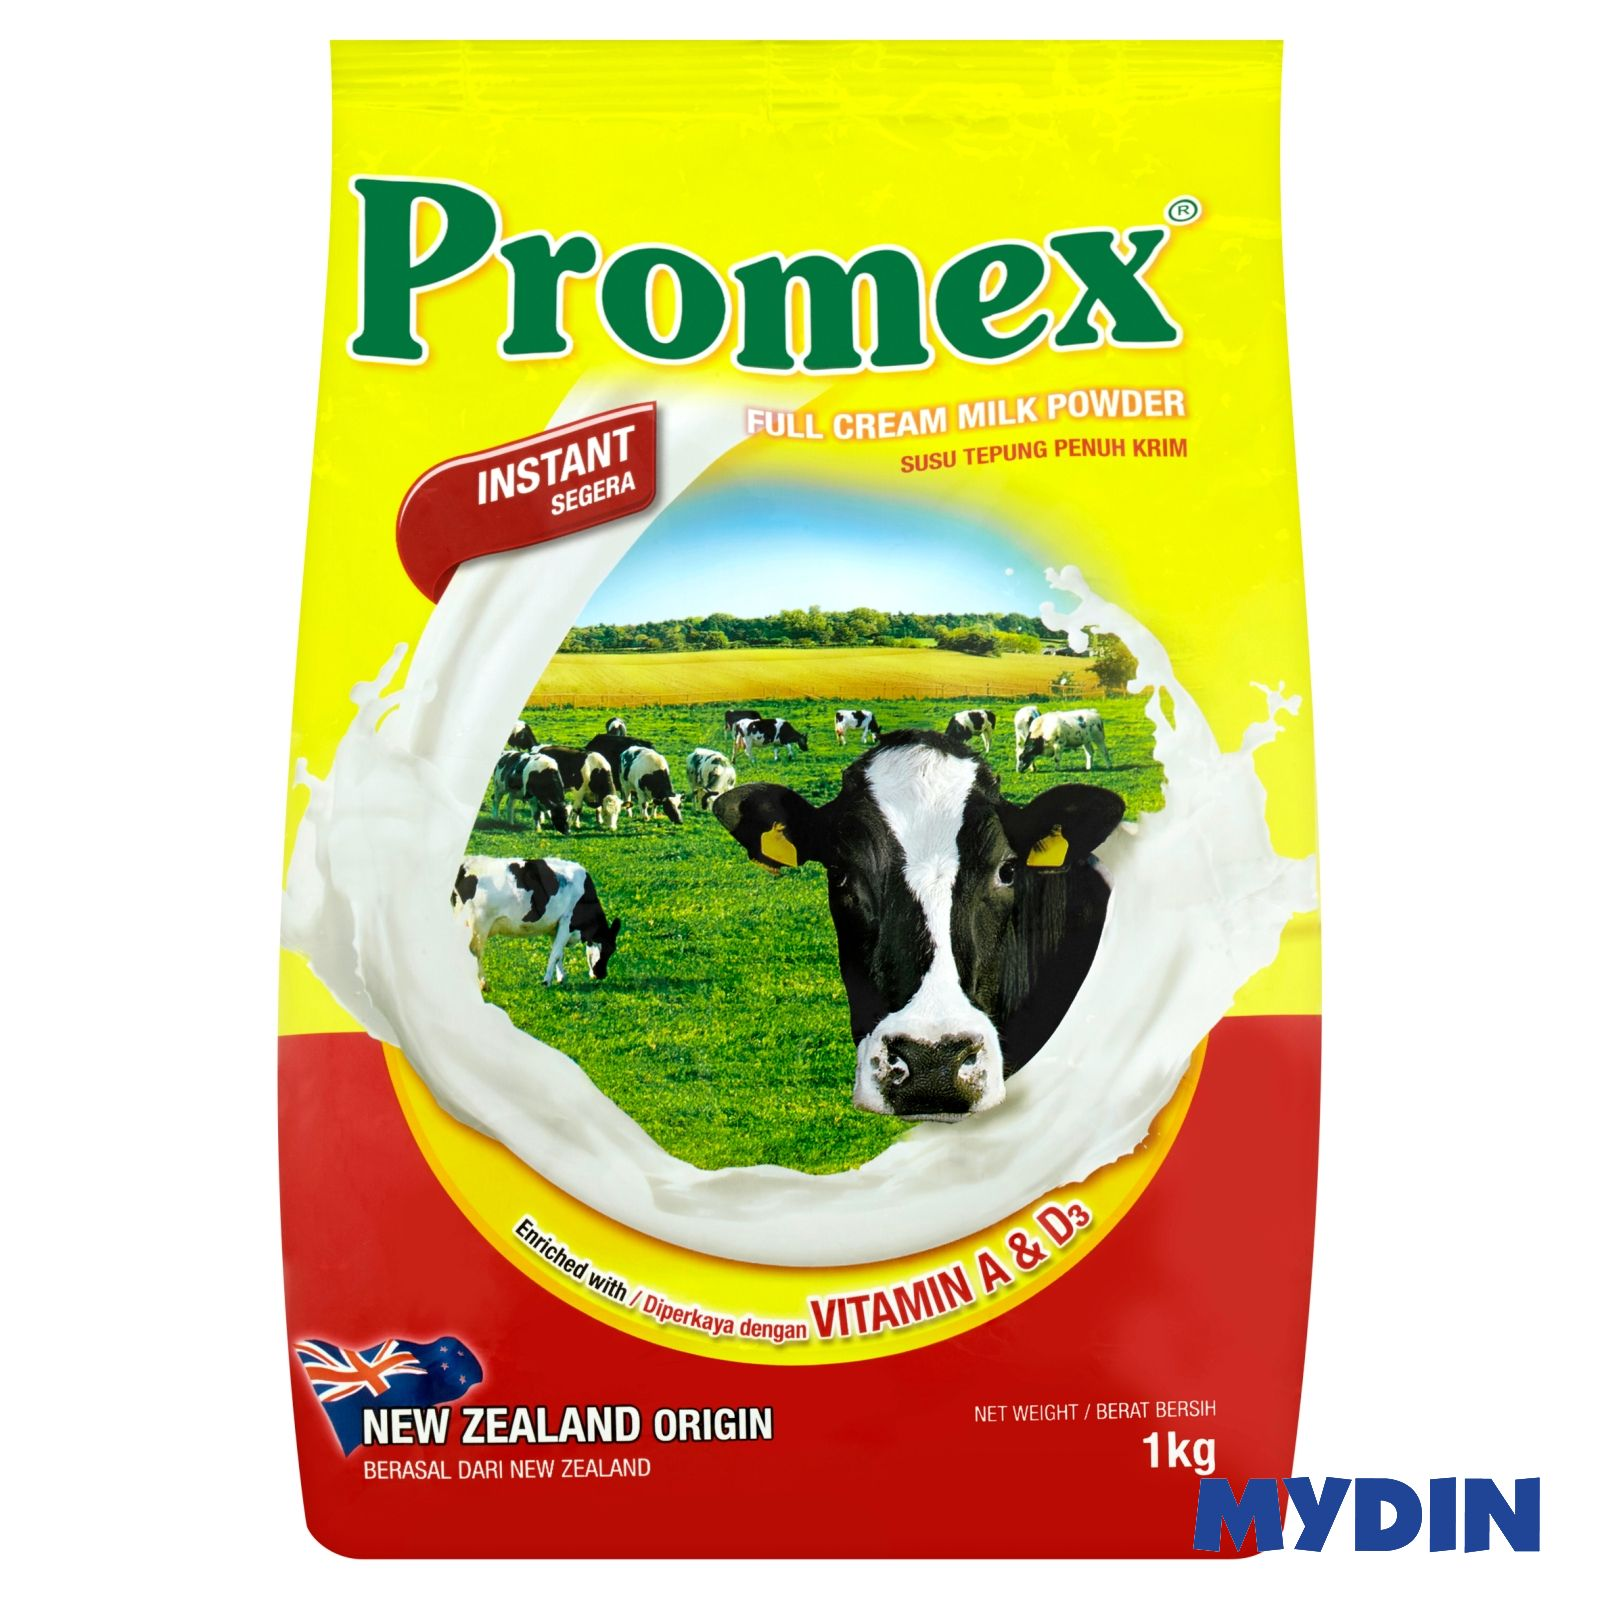 Promex Full Cream Milk Powder (1kg)